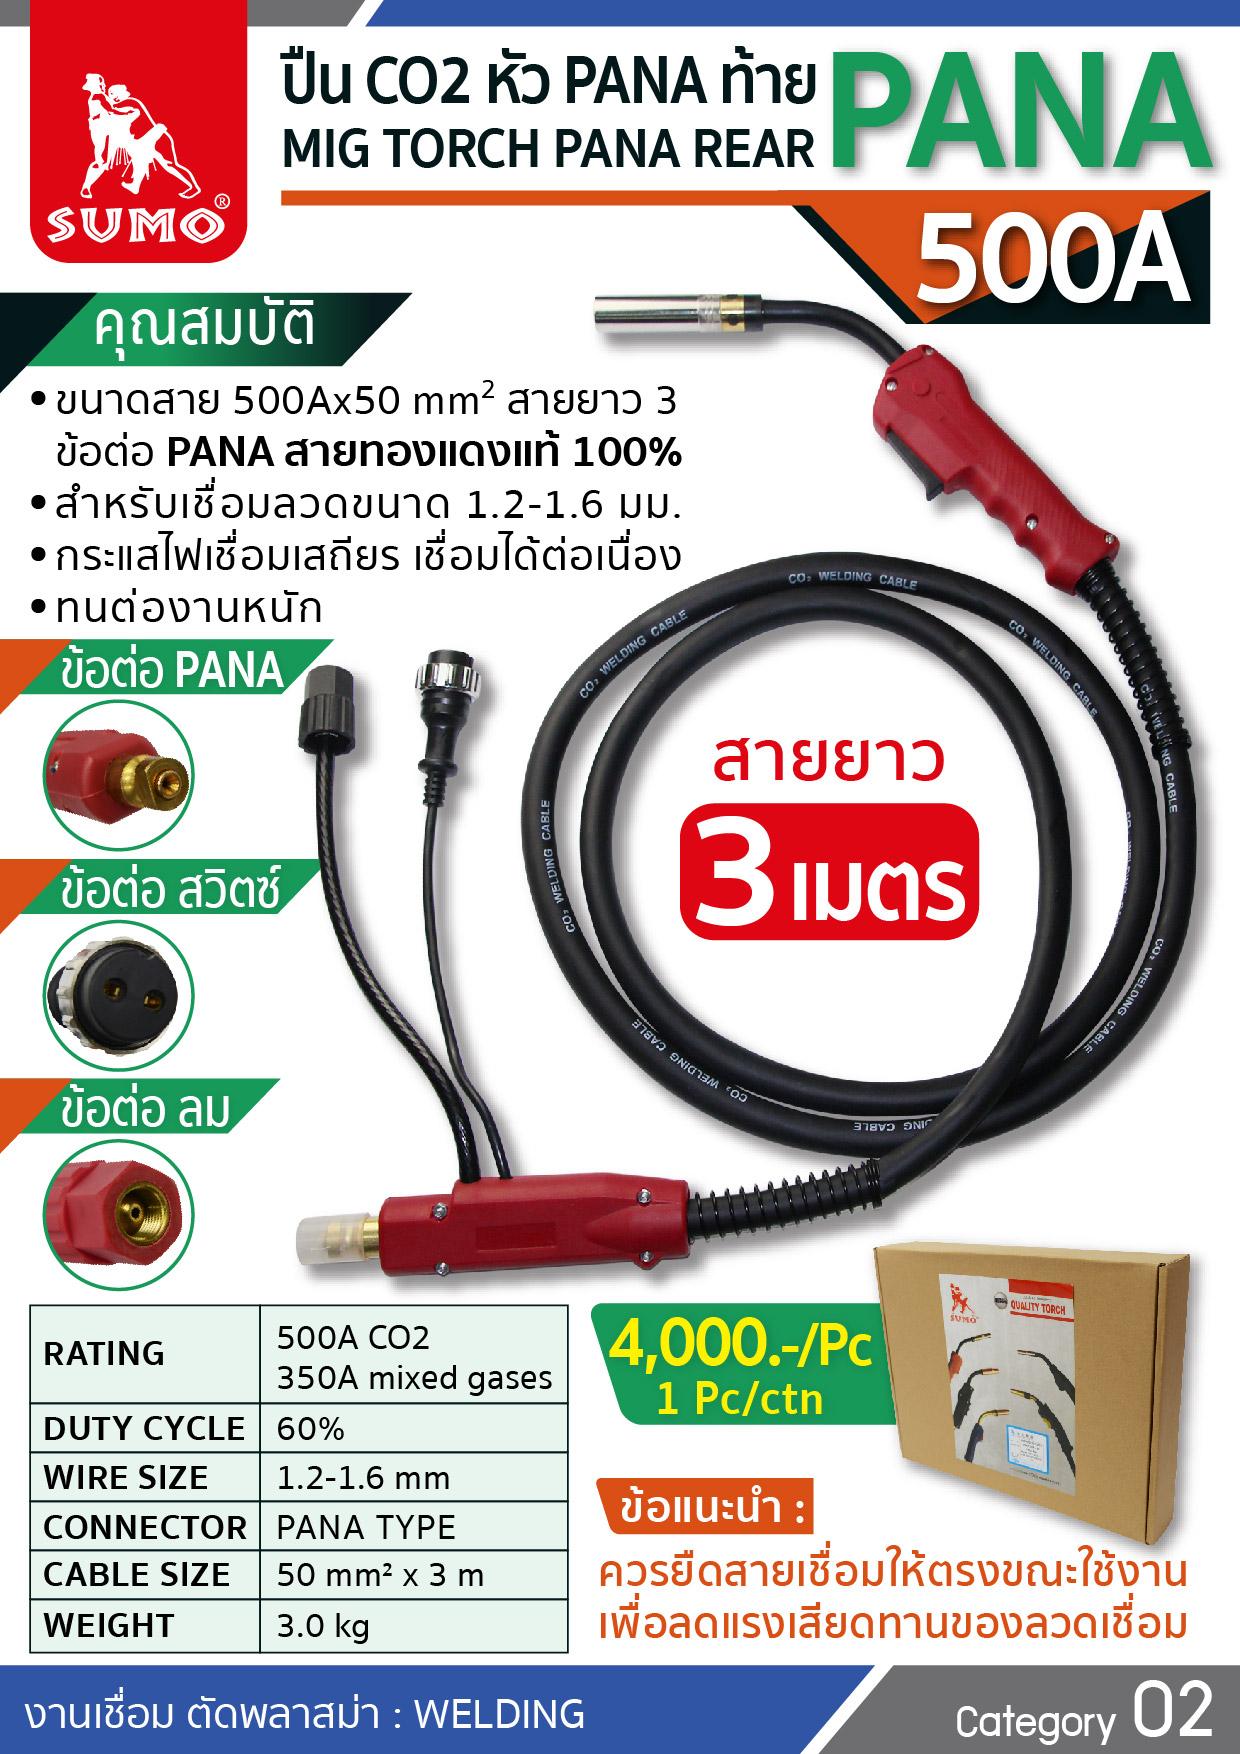 (214/277) ปืน CO2 PANA 500A